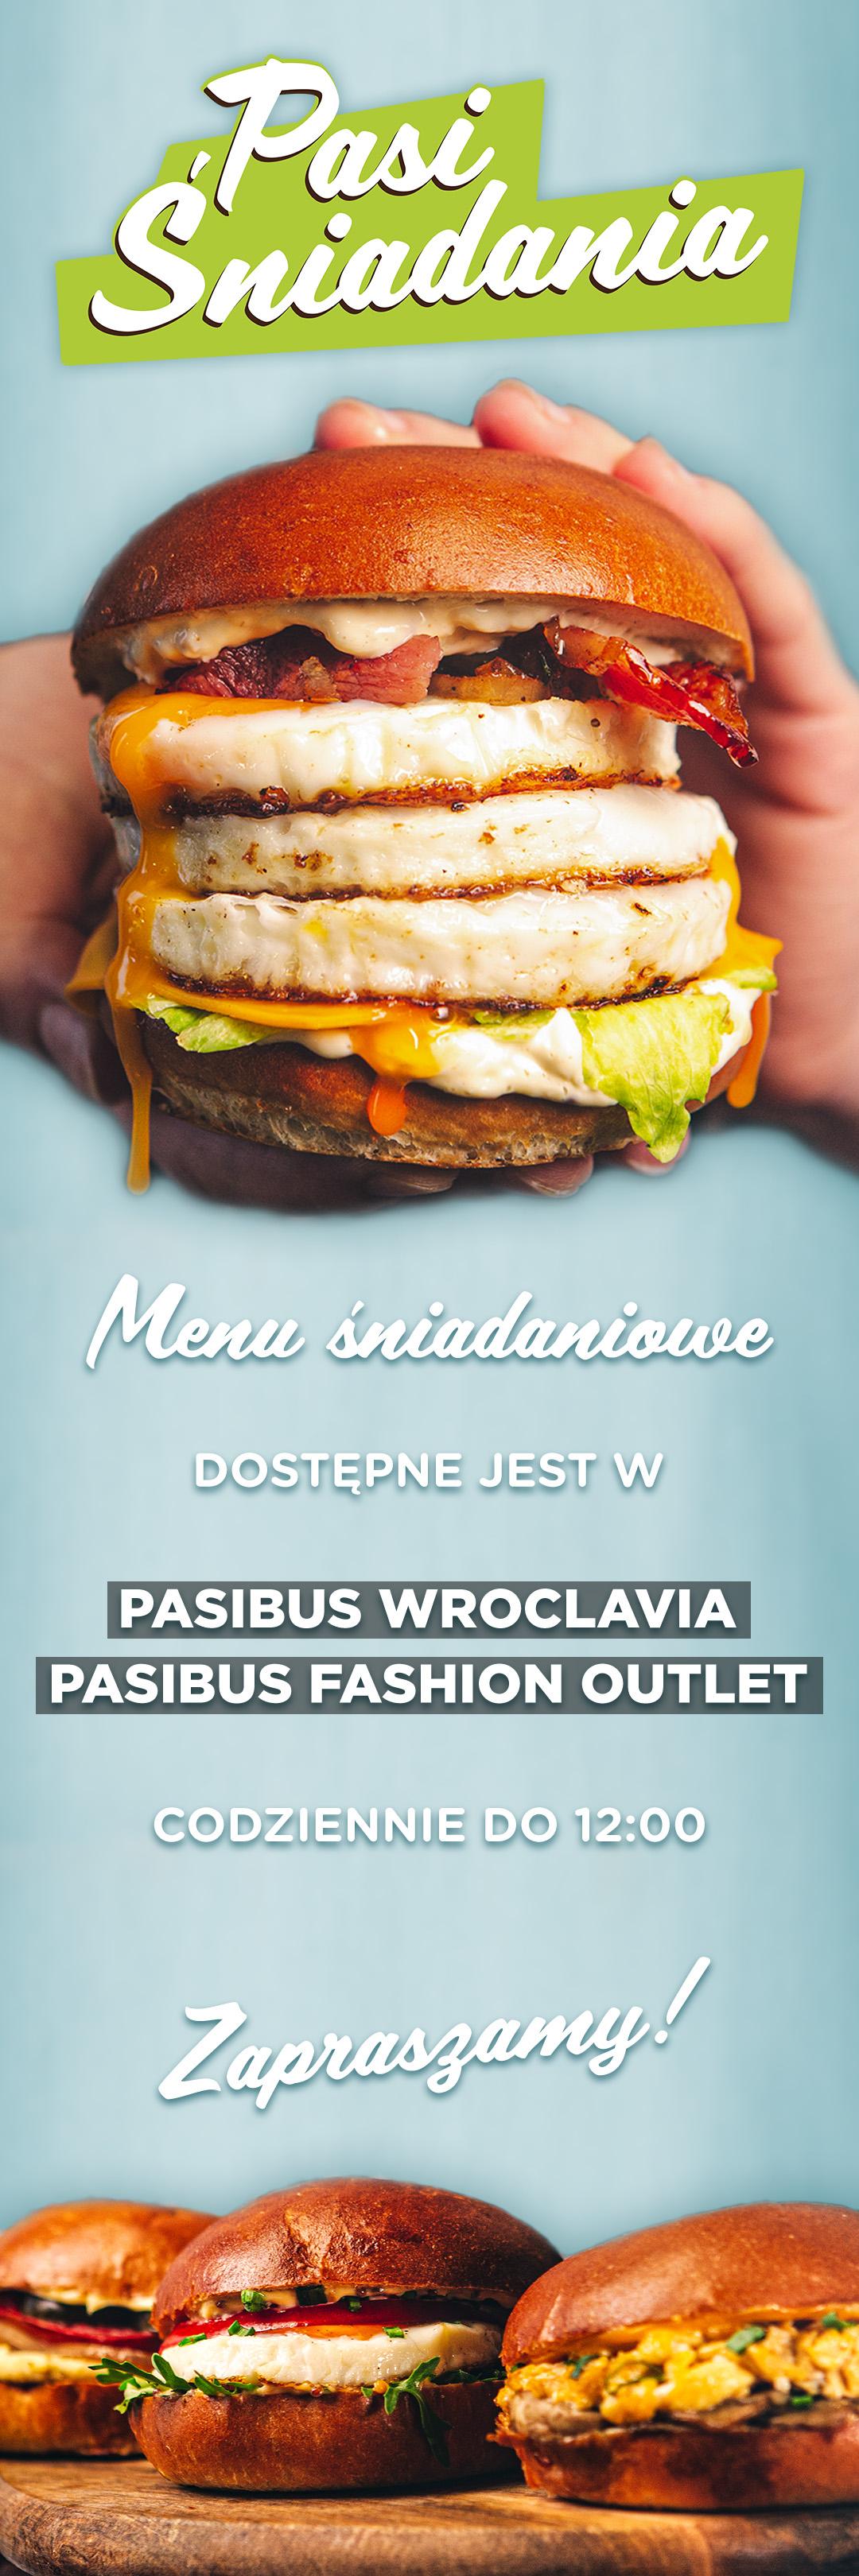 Nowość w Pasibus - menu śniadaniowe. Dostępne we Wroclavii oraz Fashion Outlet